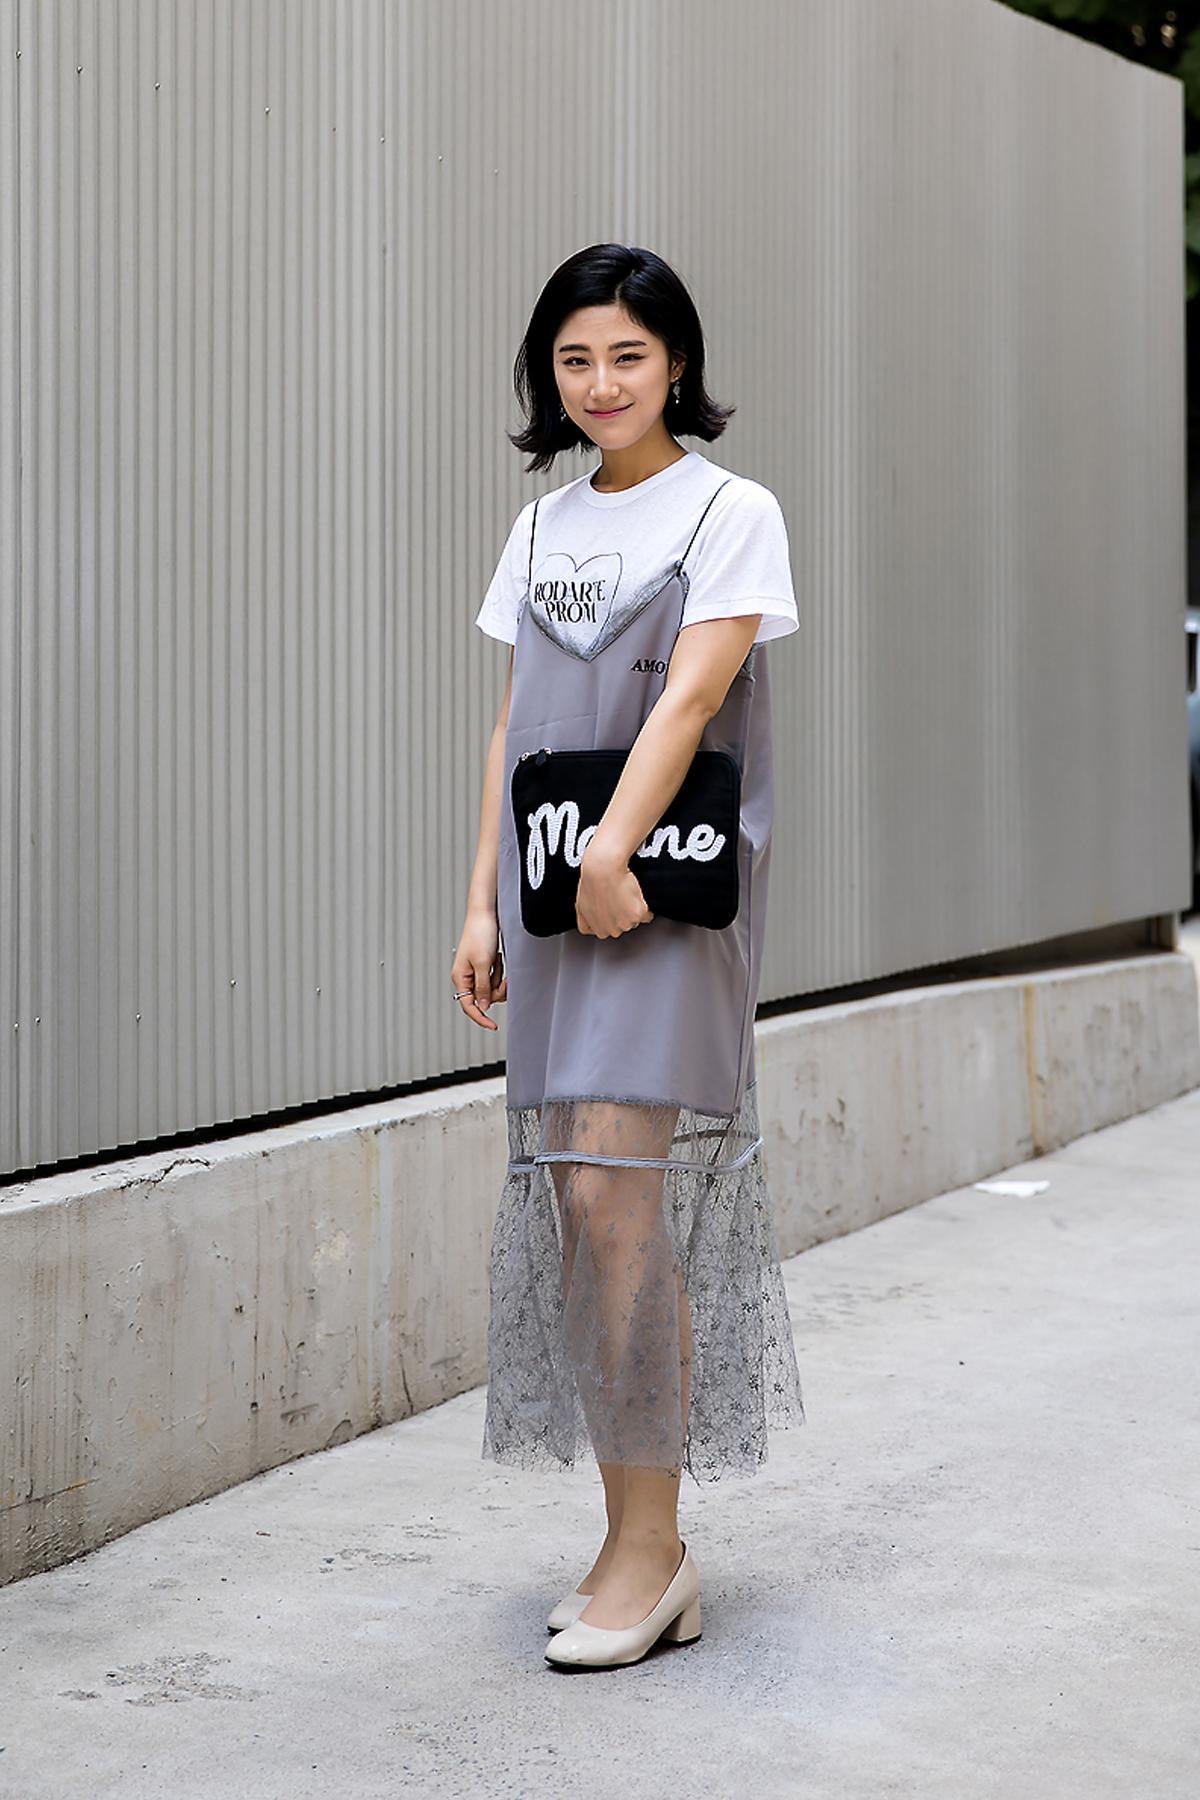 Yoo Hyunsoo, Street Fashion 2017 in Seoul.jpg